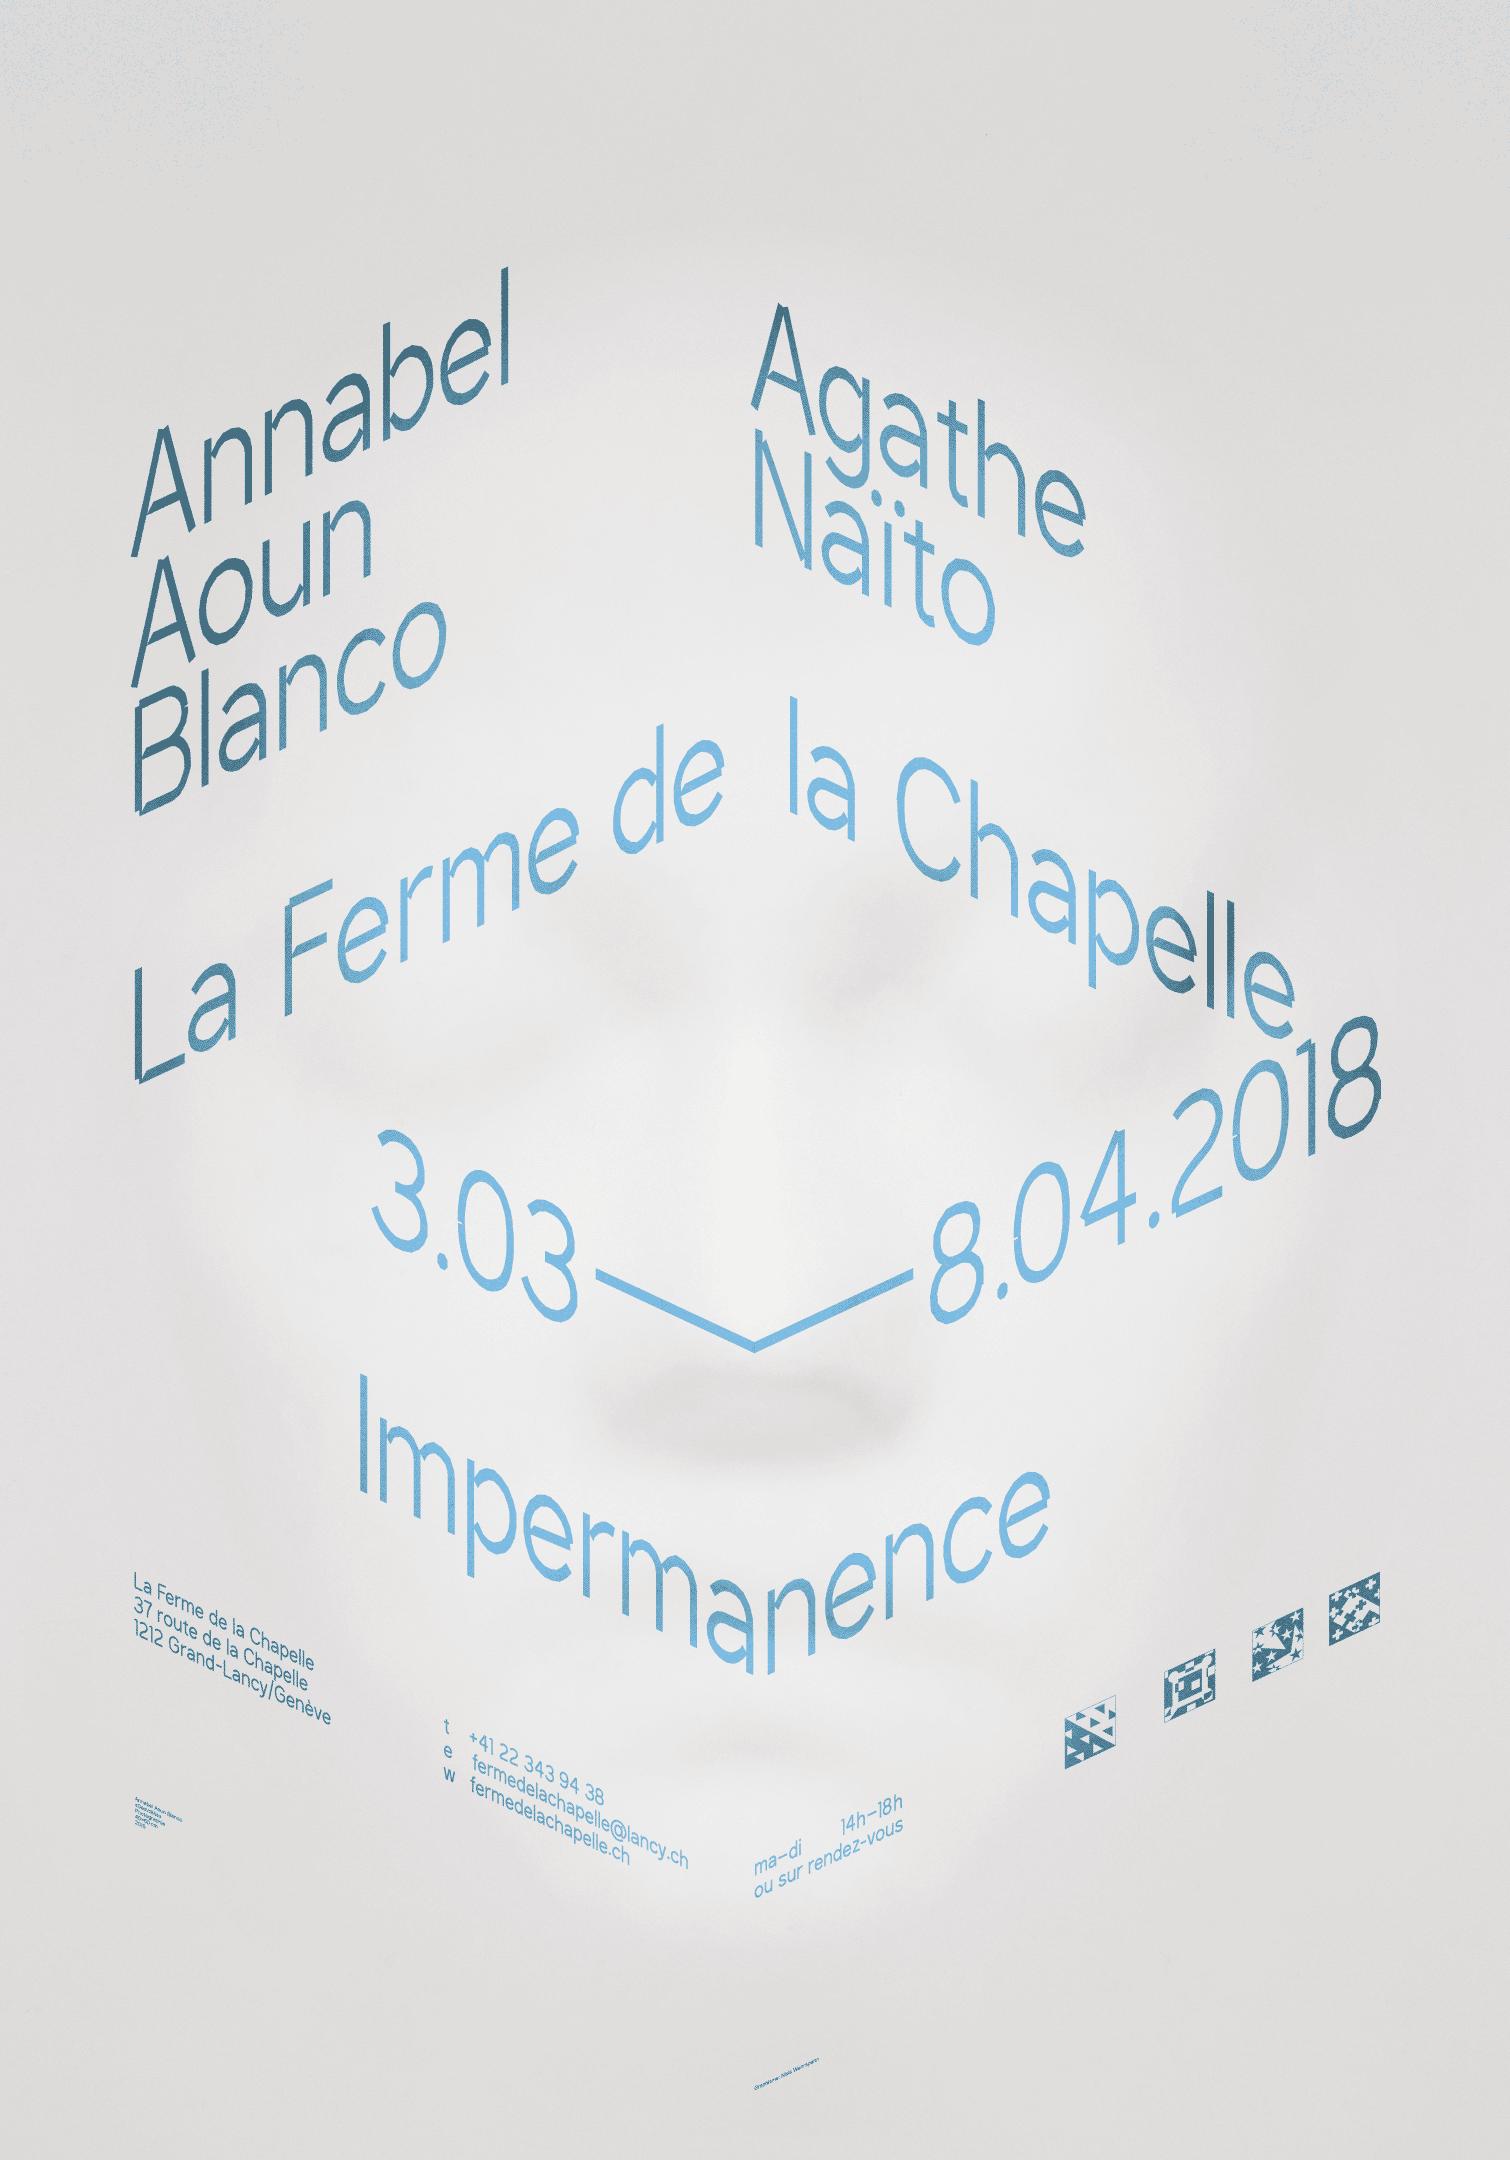 Annabel Aoun Blanco, Agathe Naïto, affiche